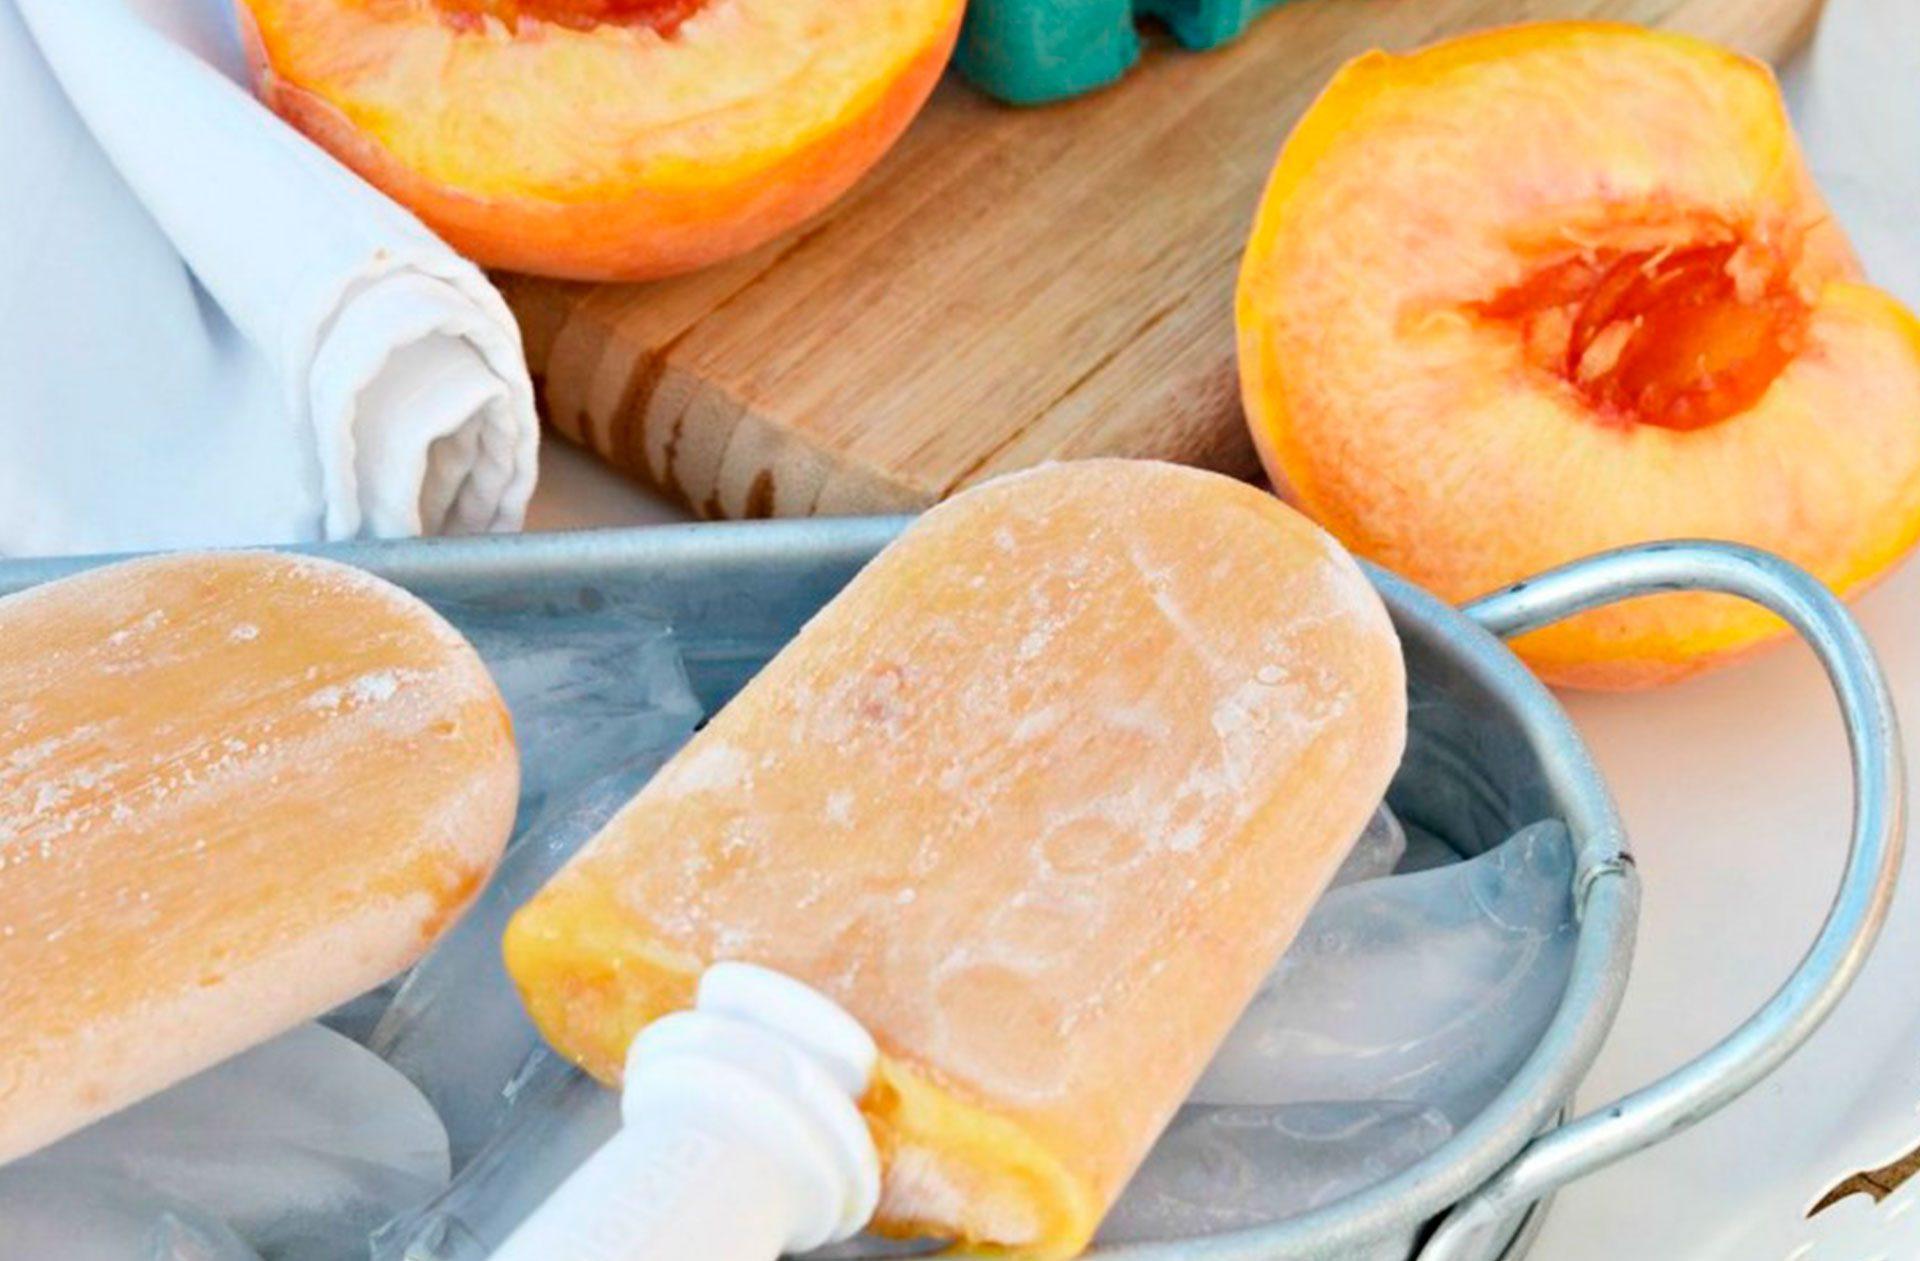 Prepara helados caseros y saludables